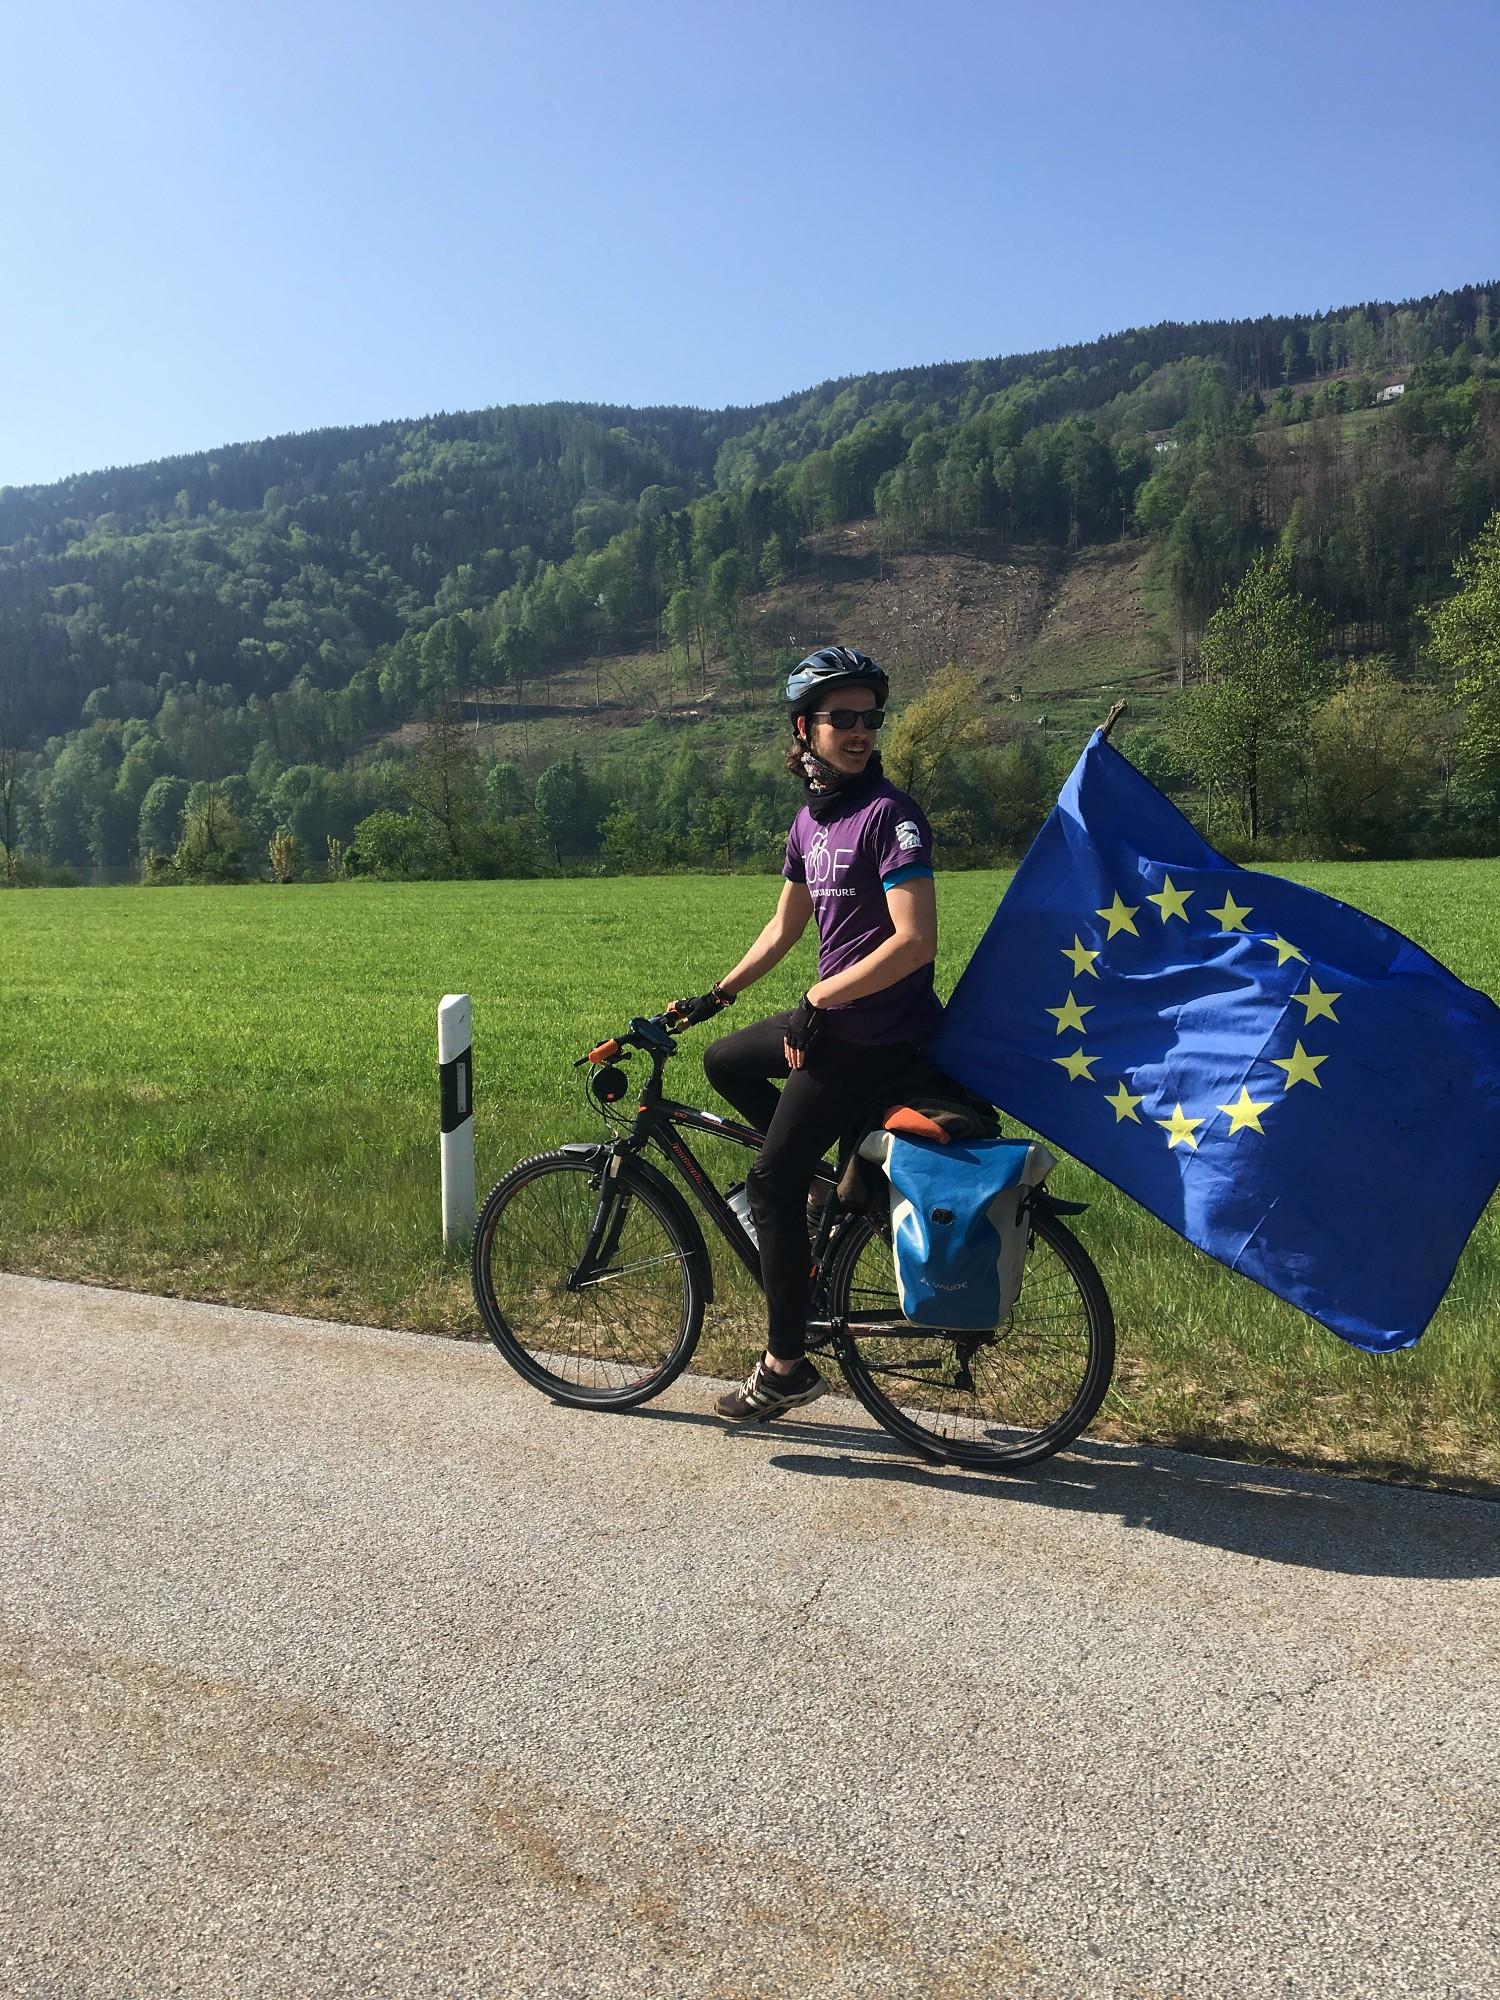 1400 kilometrus garš vēstījums Eiropai